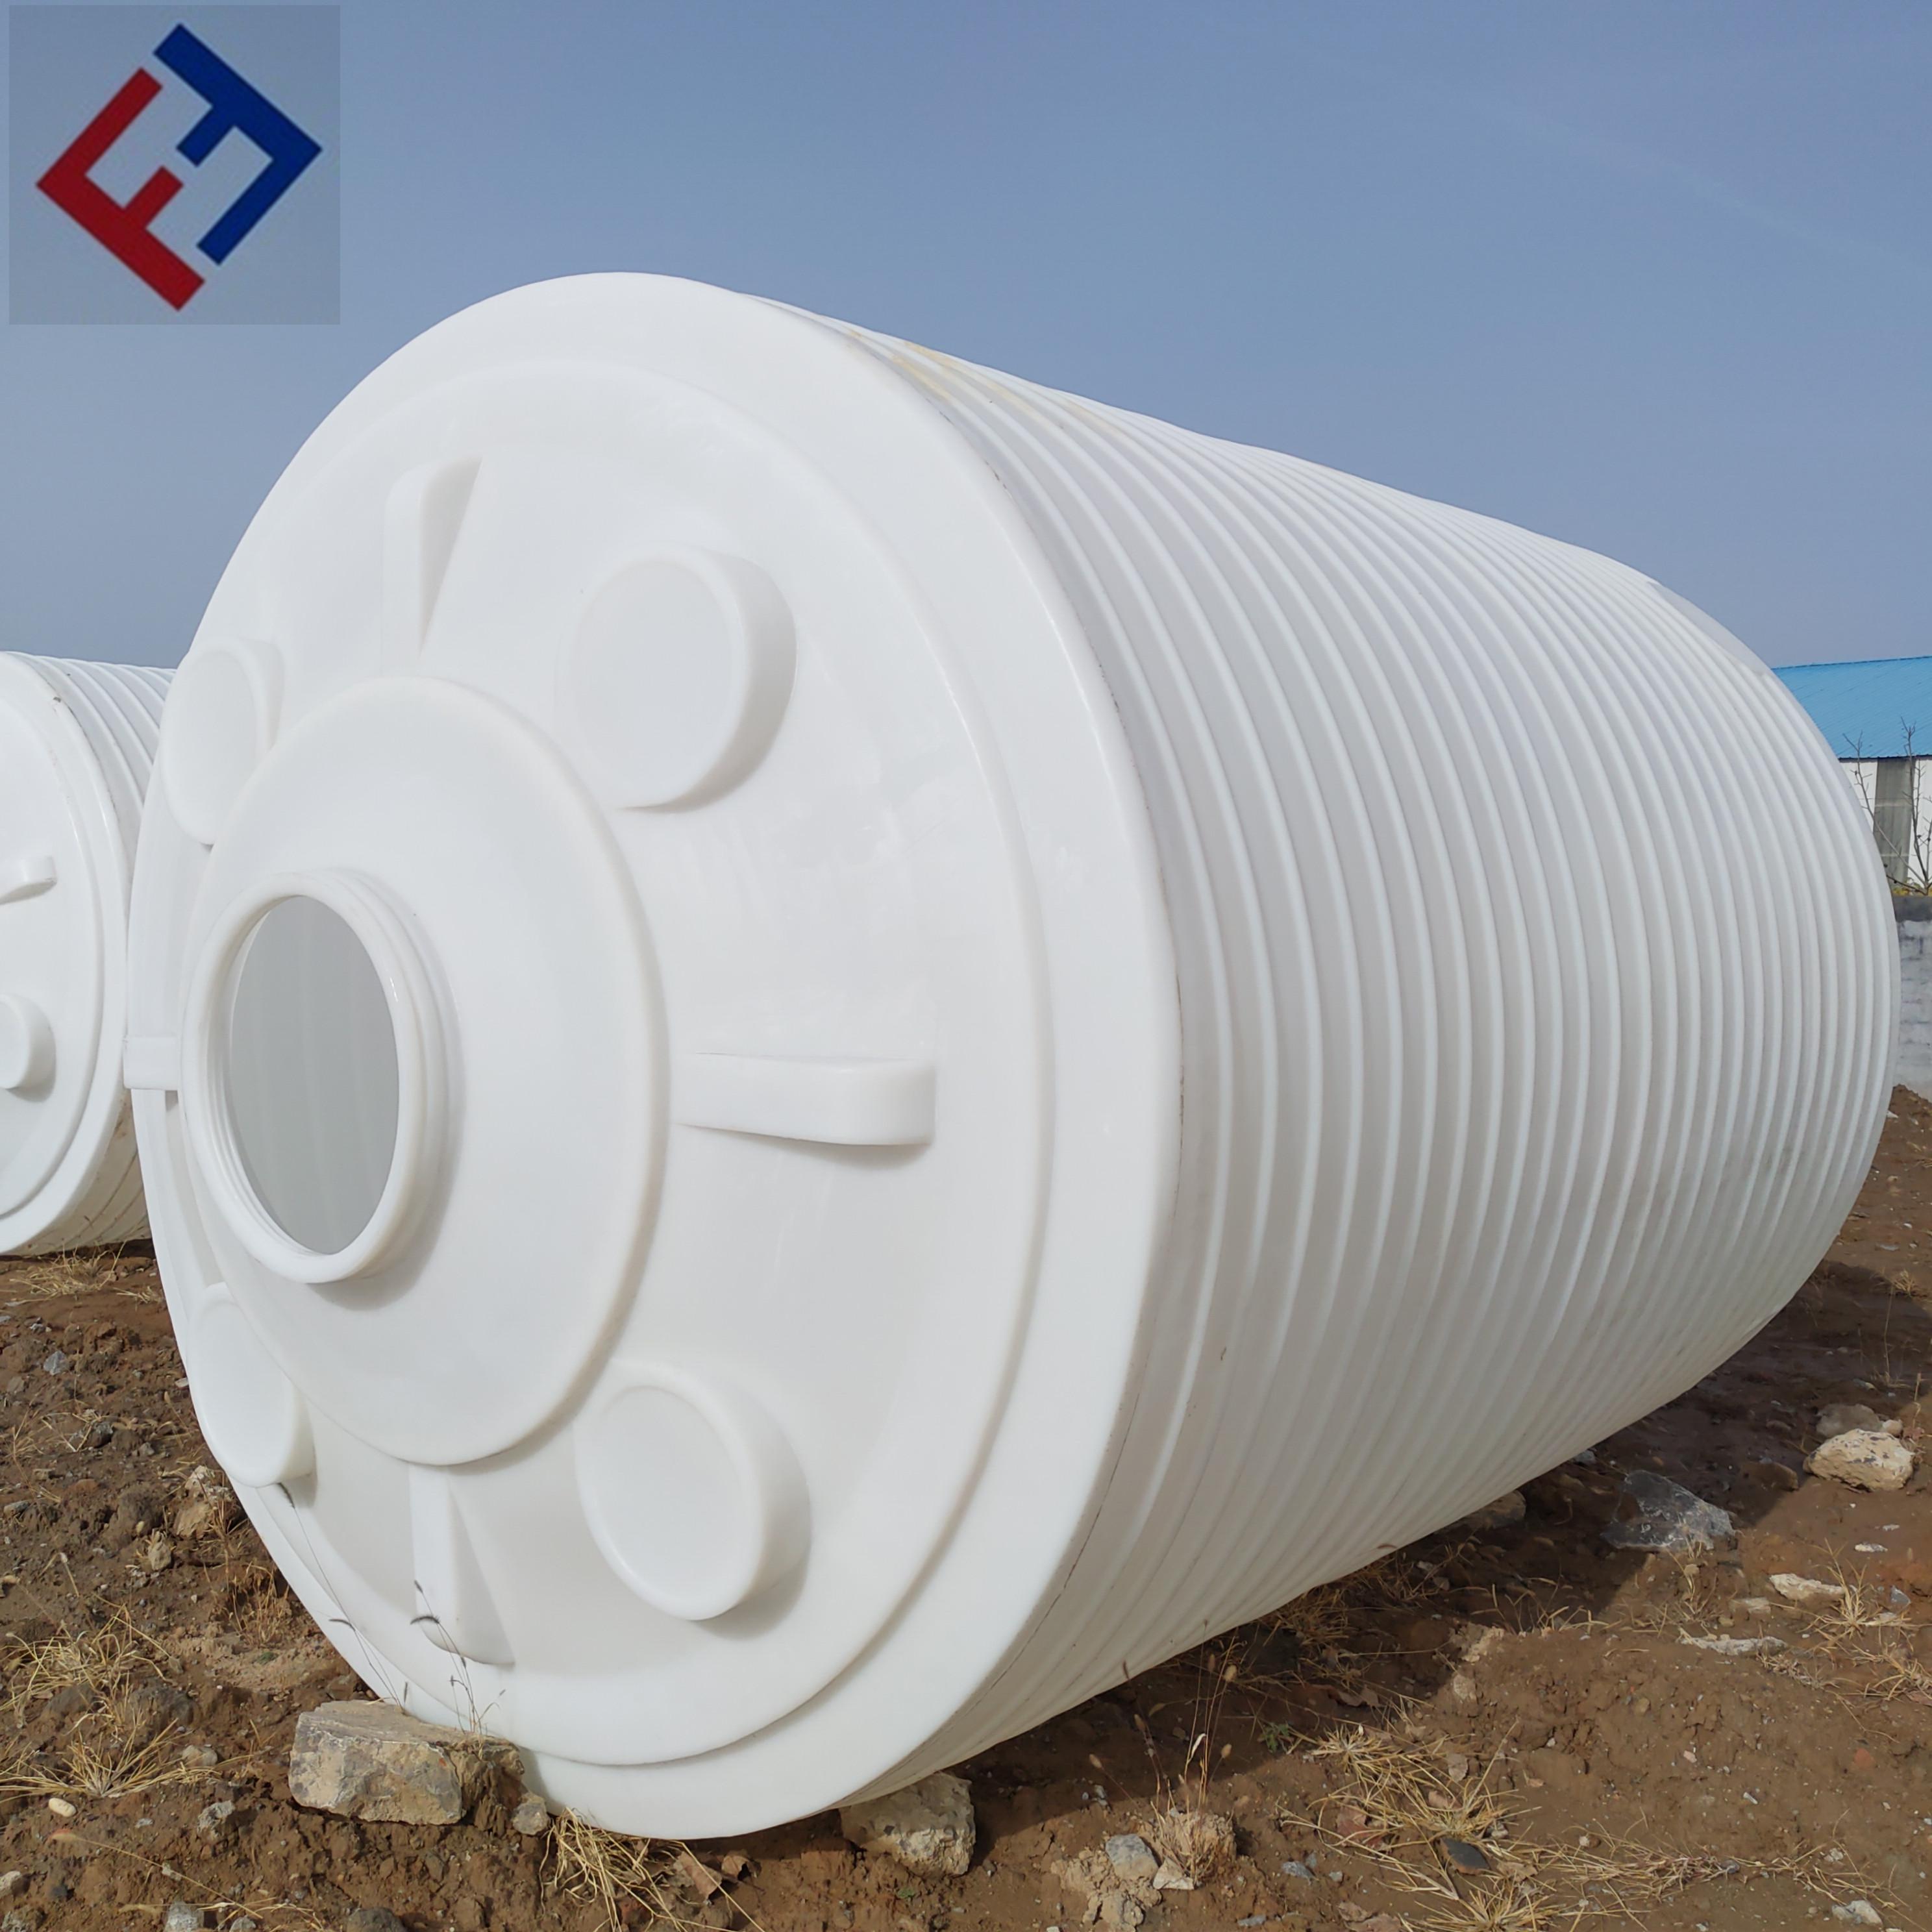 塑料大水桶10吨食品储水太阳能专用水塔/水箱